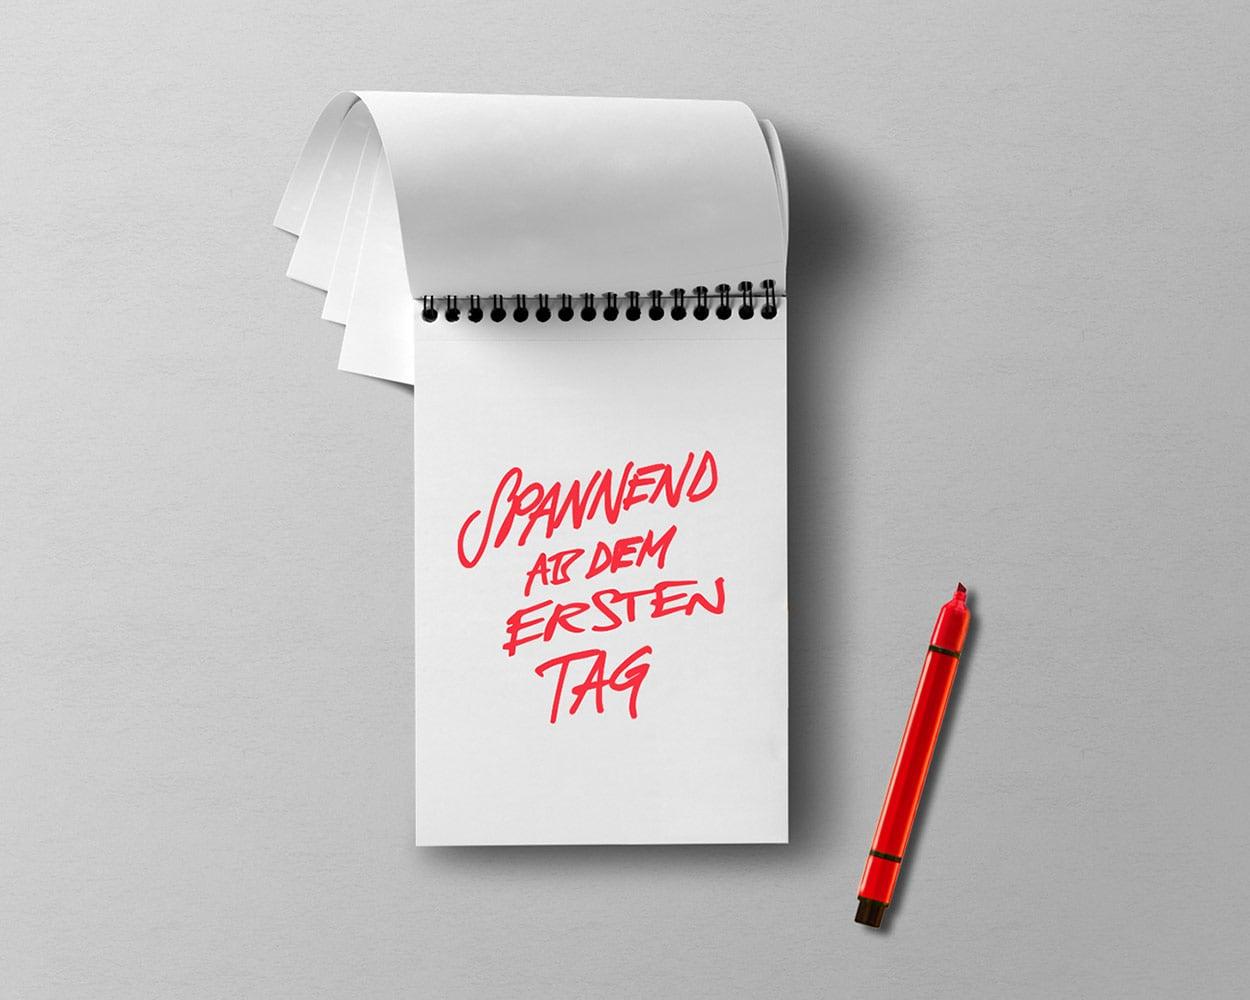 Sparkasse – Design Handschrift für Employer Branding